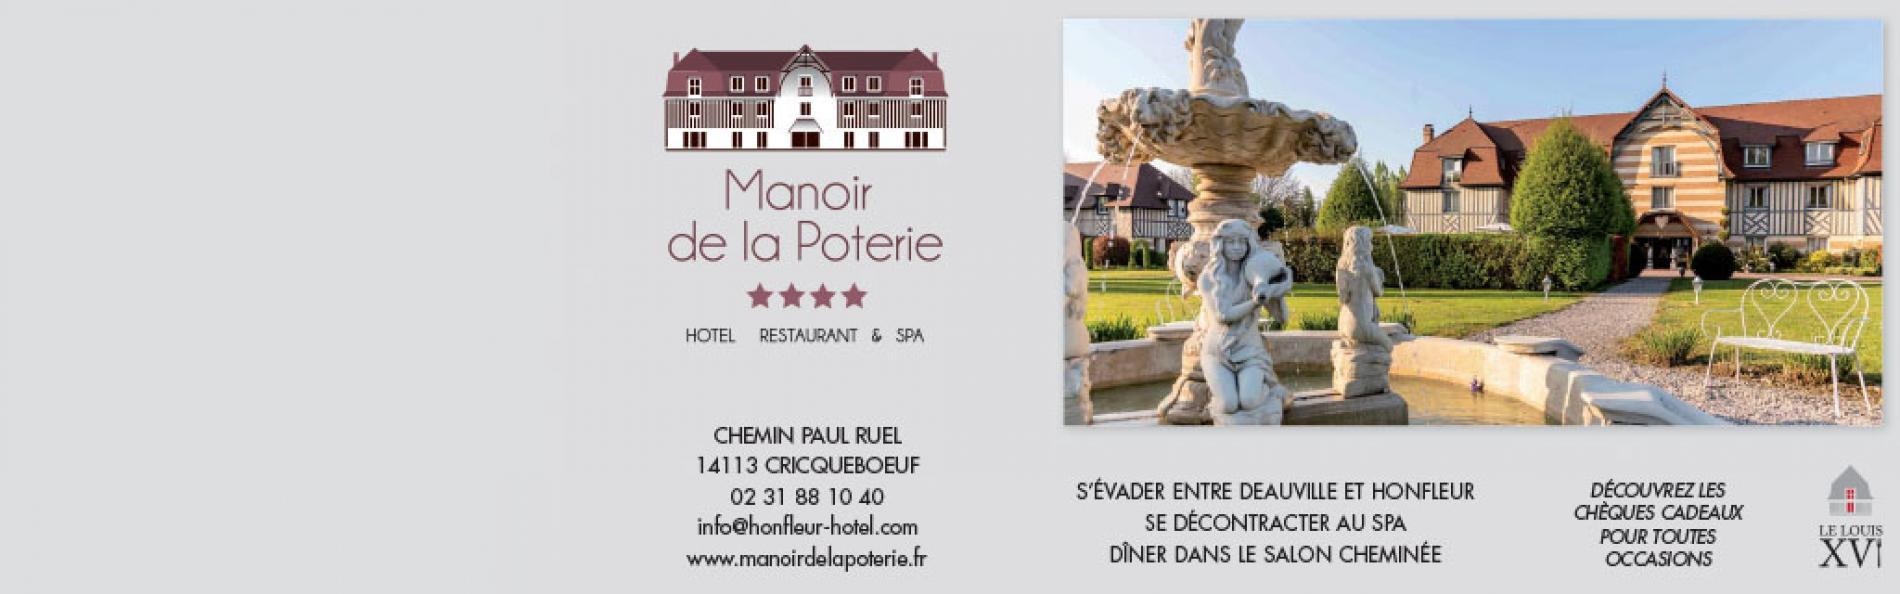 Hotel proche Honfleur l'hotel Le Manoir de la Poterie vous accueille en Normandie pour un séjour détente. Doté d'un spa et d'une piscine couverte, l'hotel vous propose des soins.